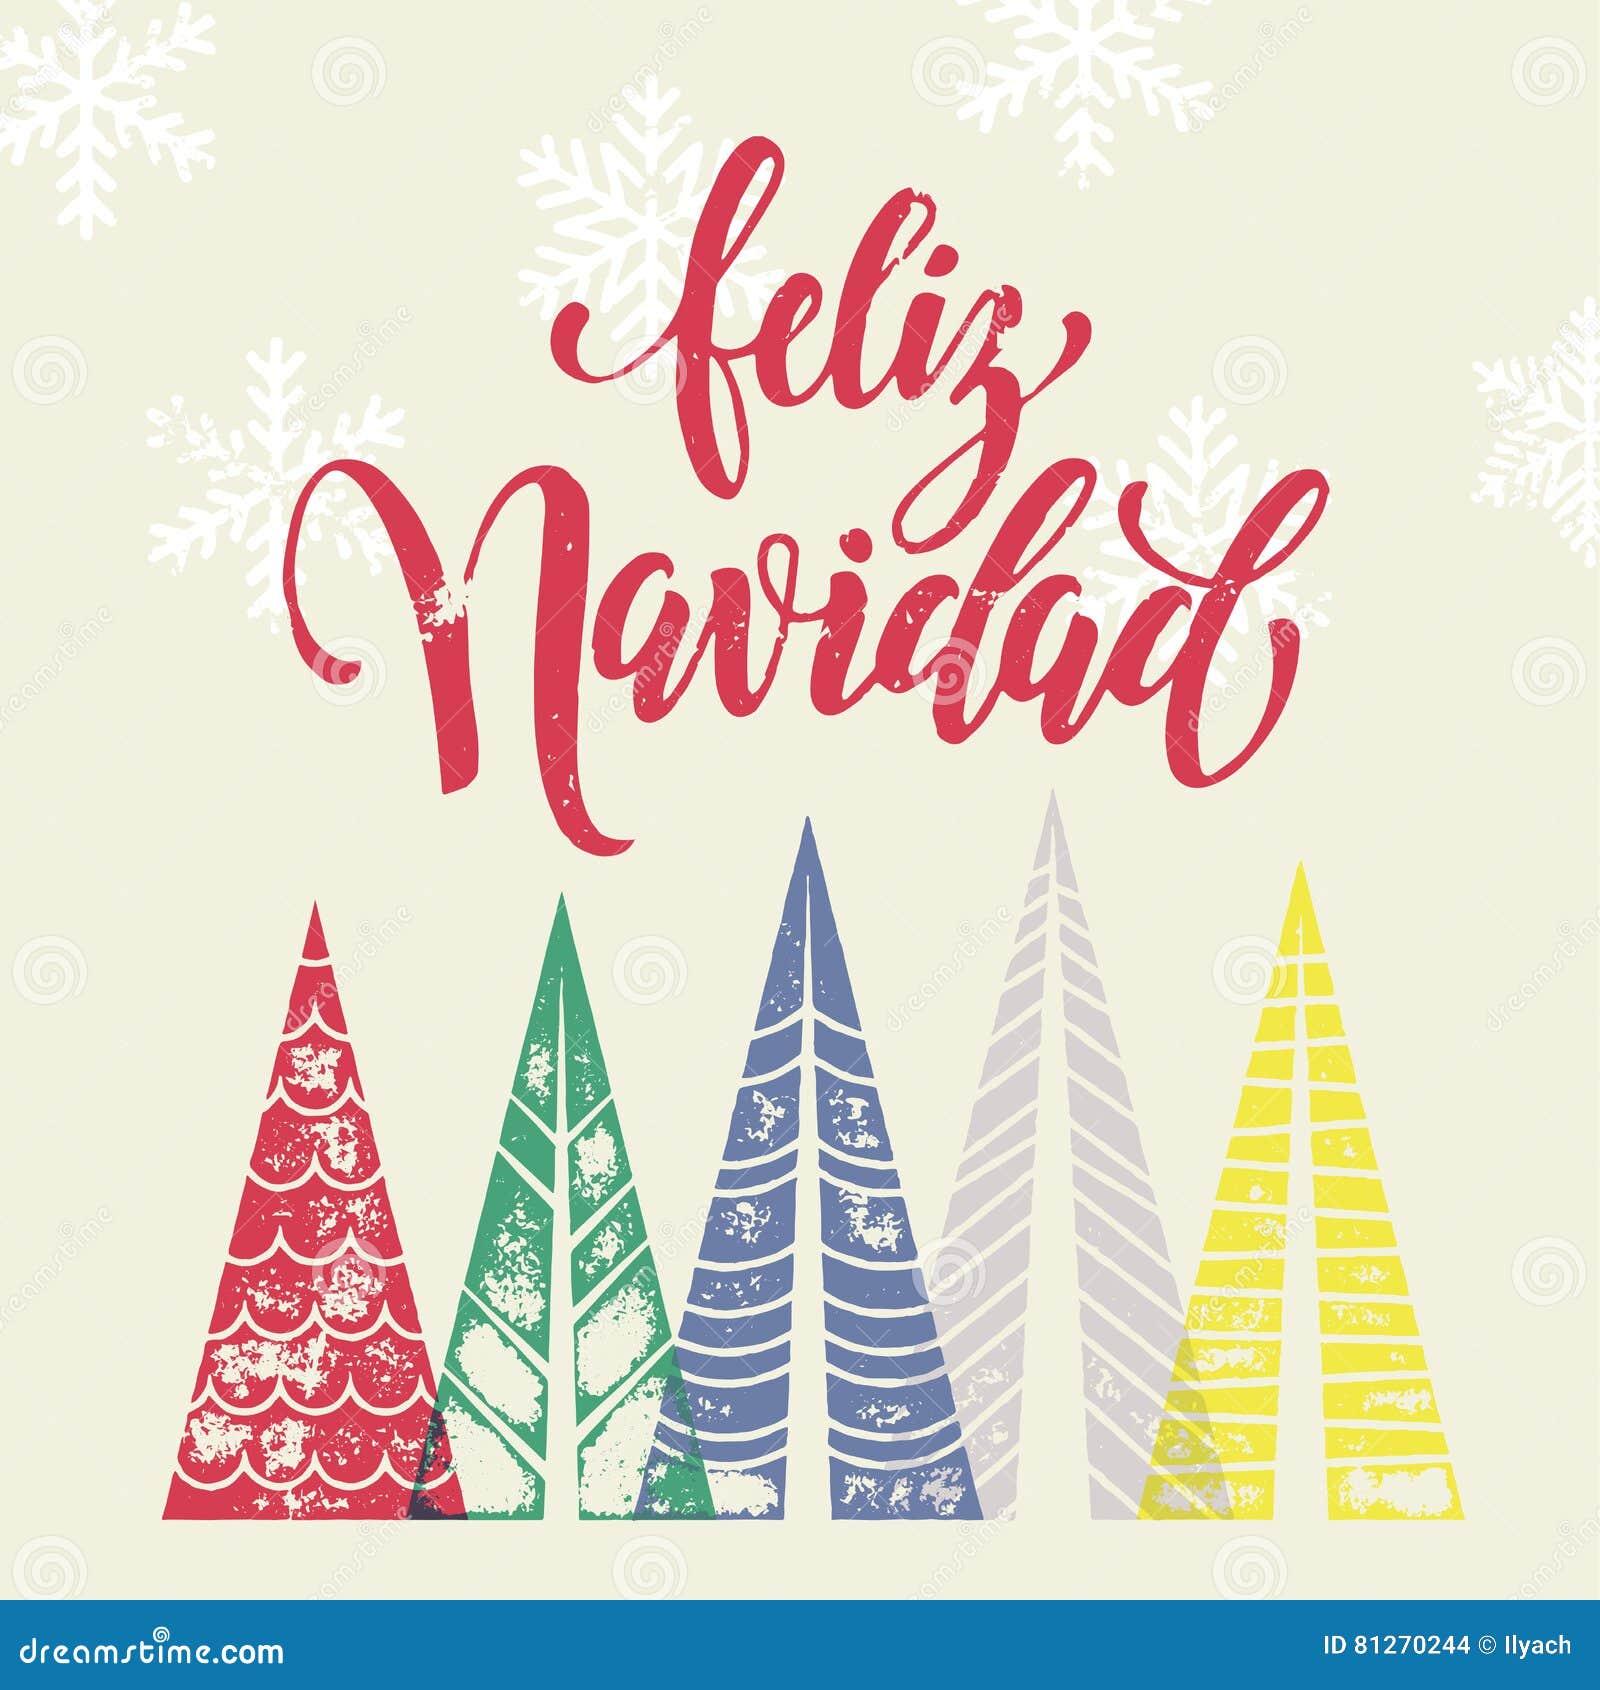 Feliz navidad текст